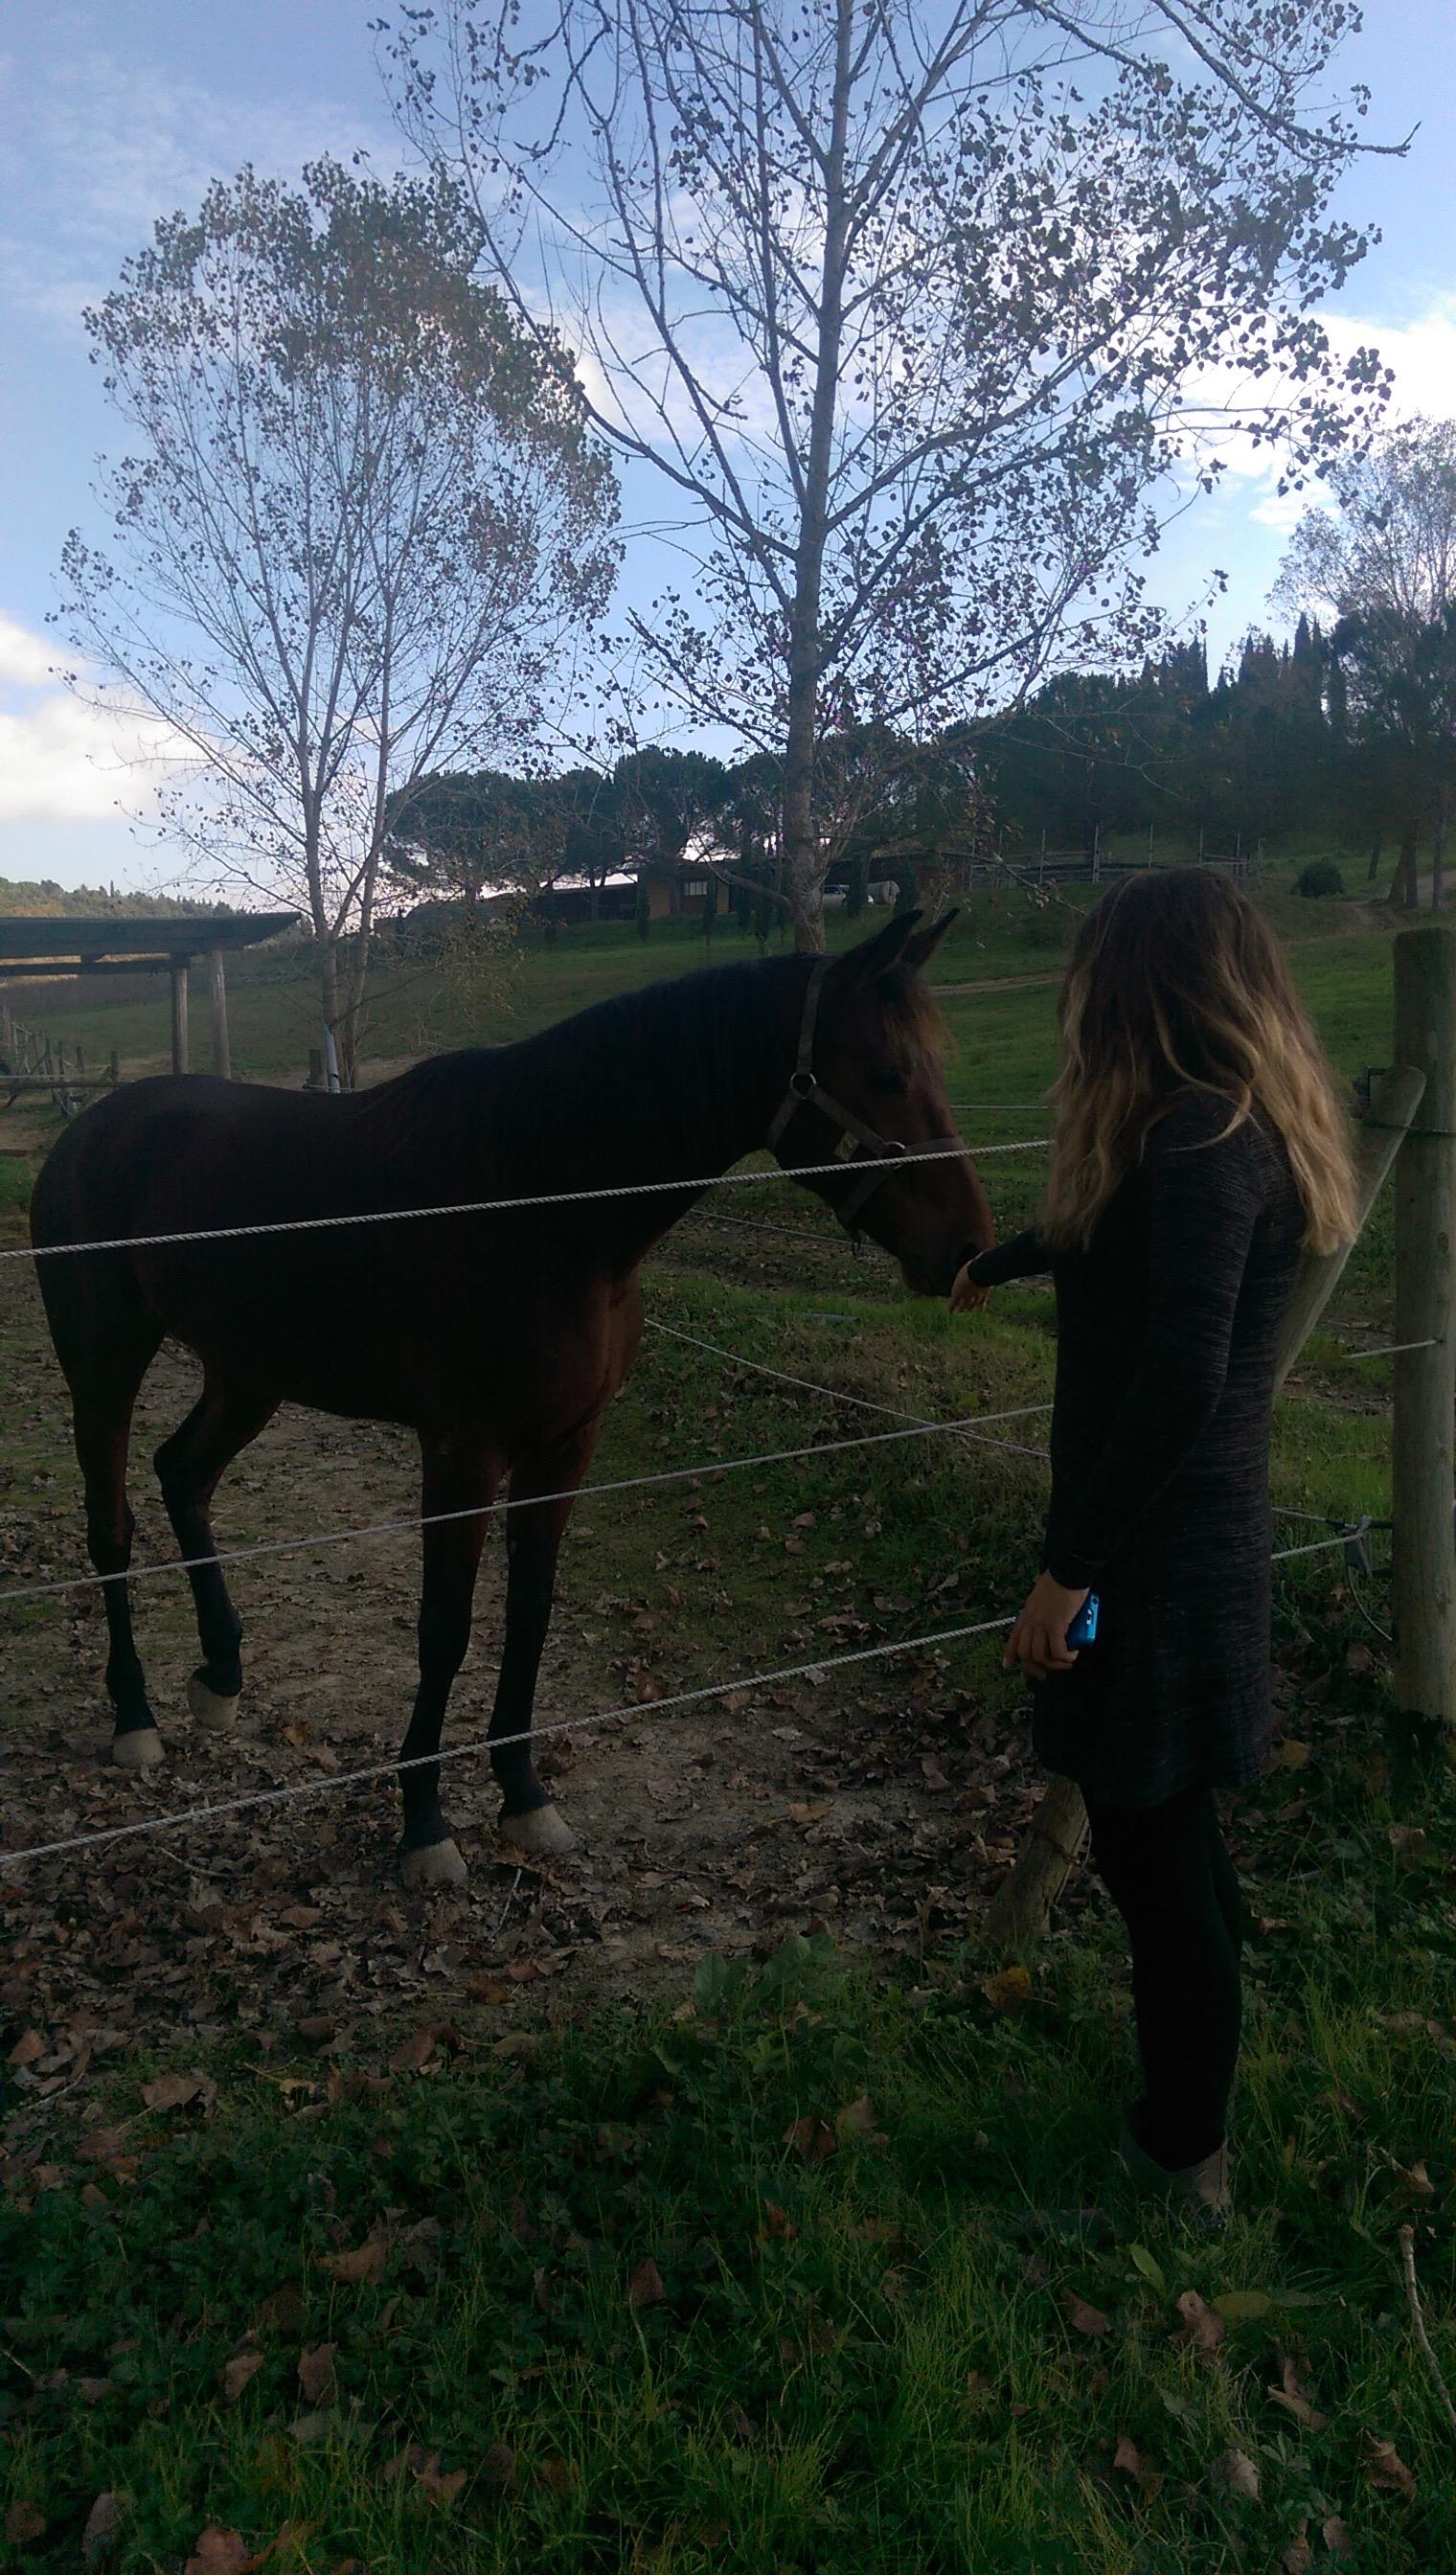 Agriturismo Maramaldo horse farm 2